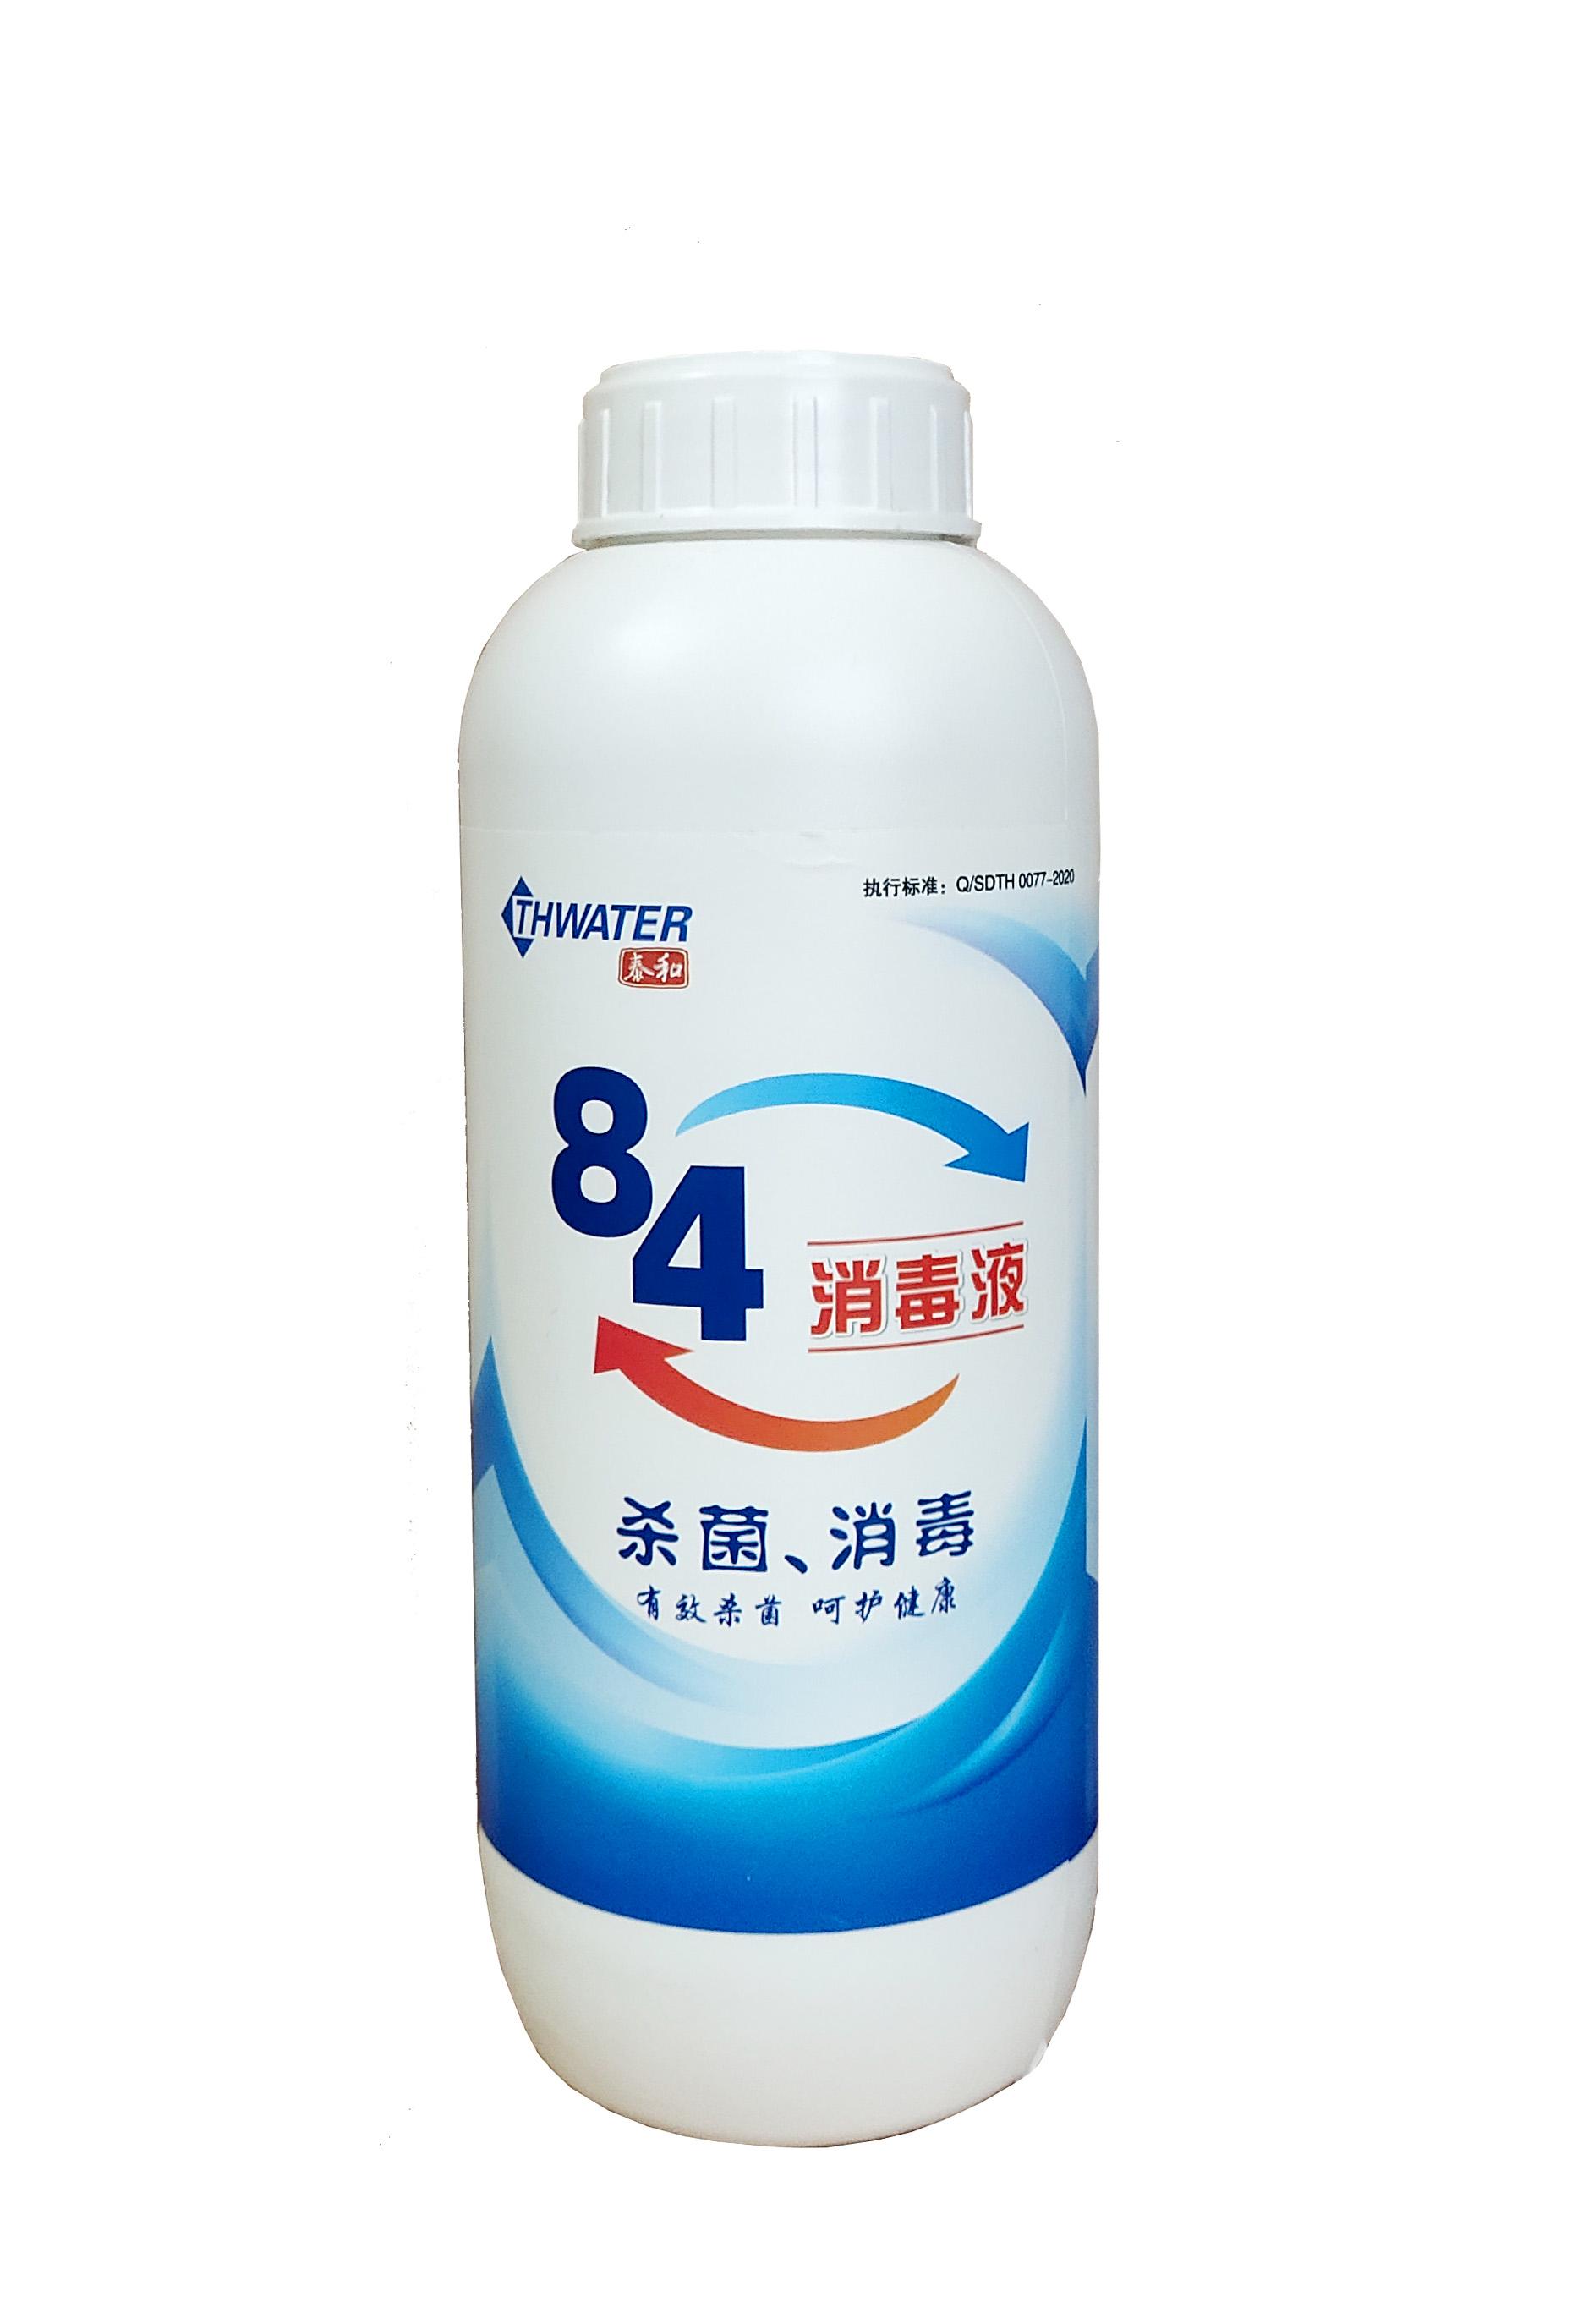 84消毒液1kg装